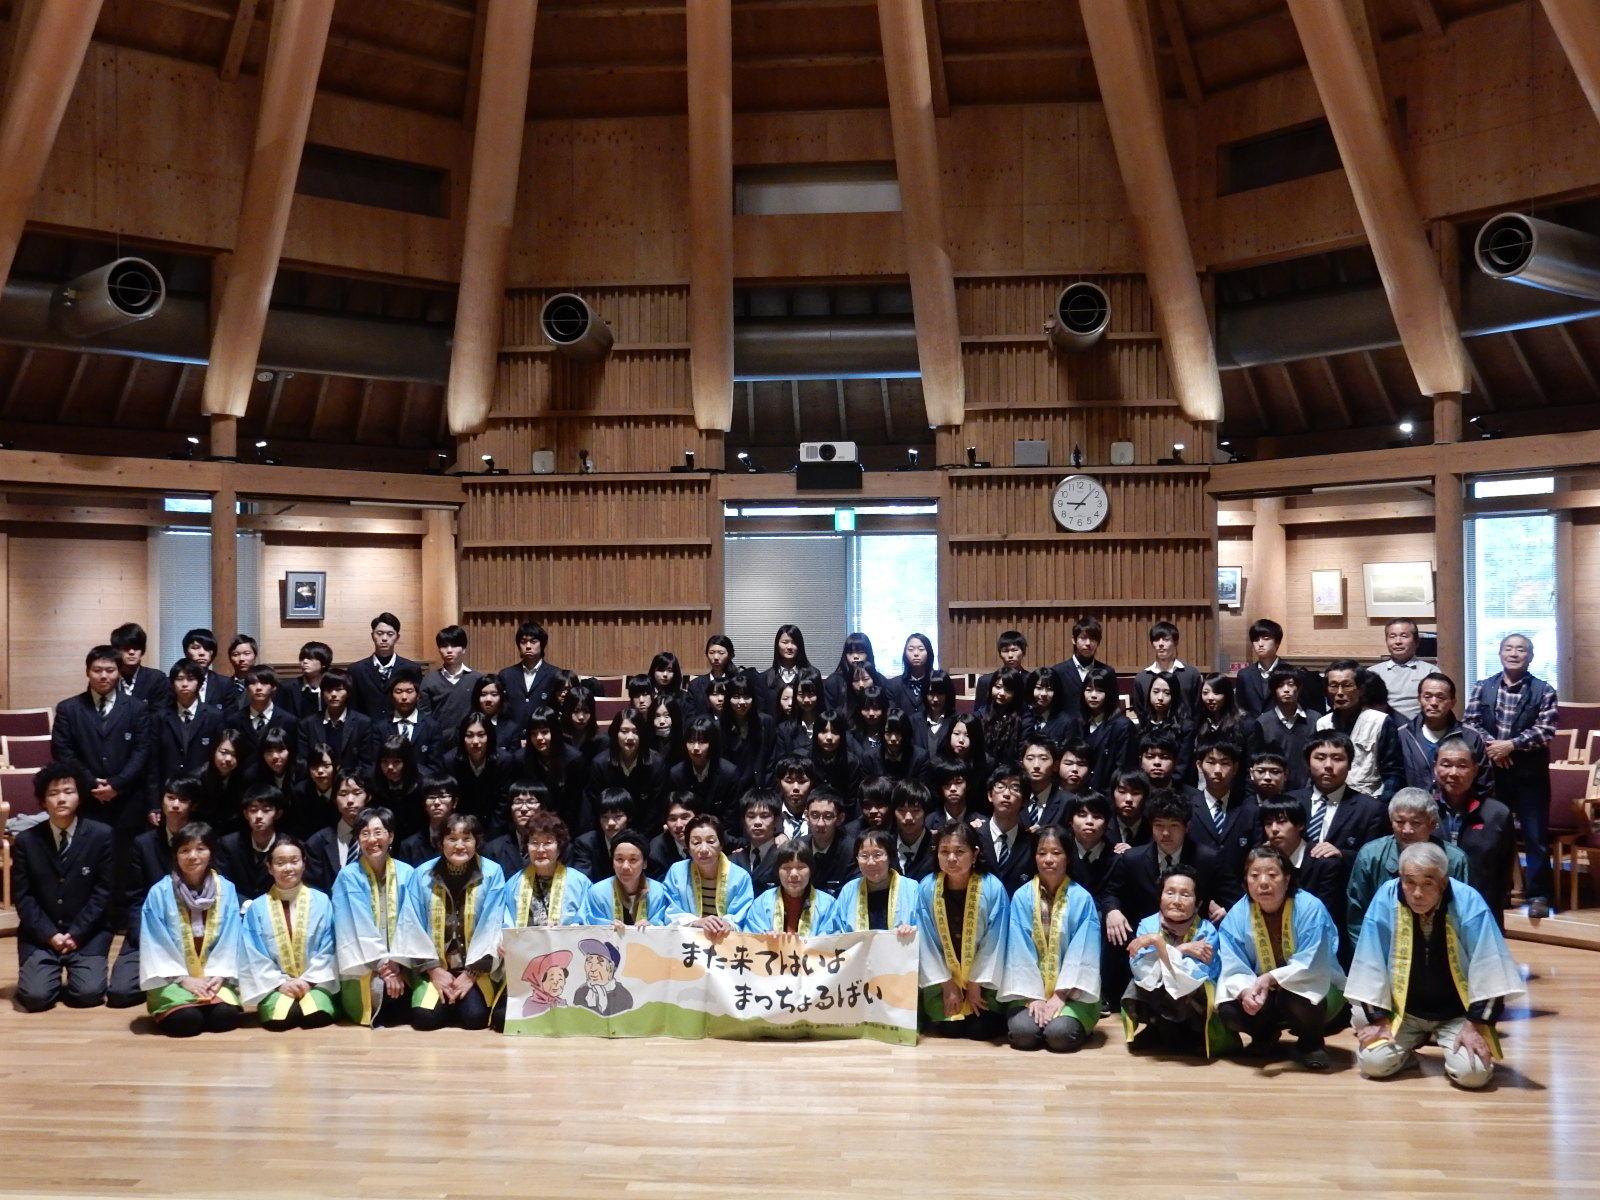 京都からのファームステイがありました_a0114743_13115877.jpg